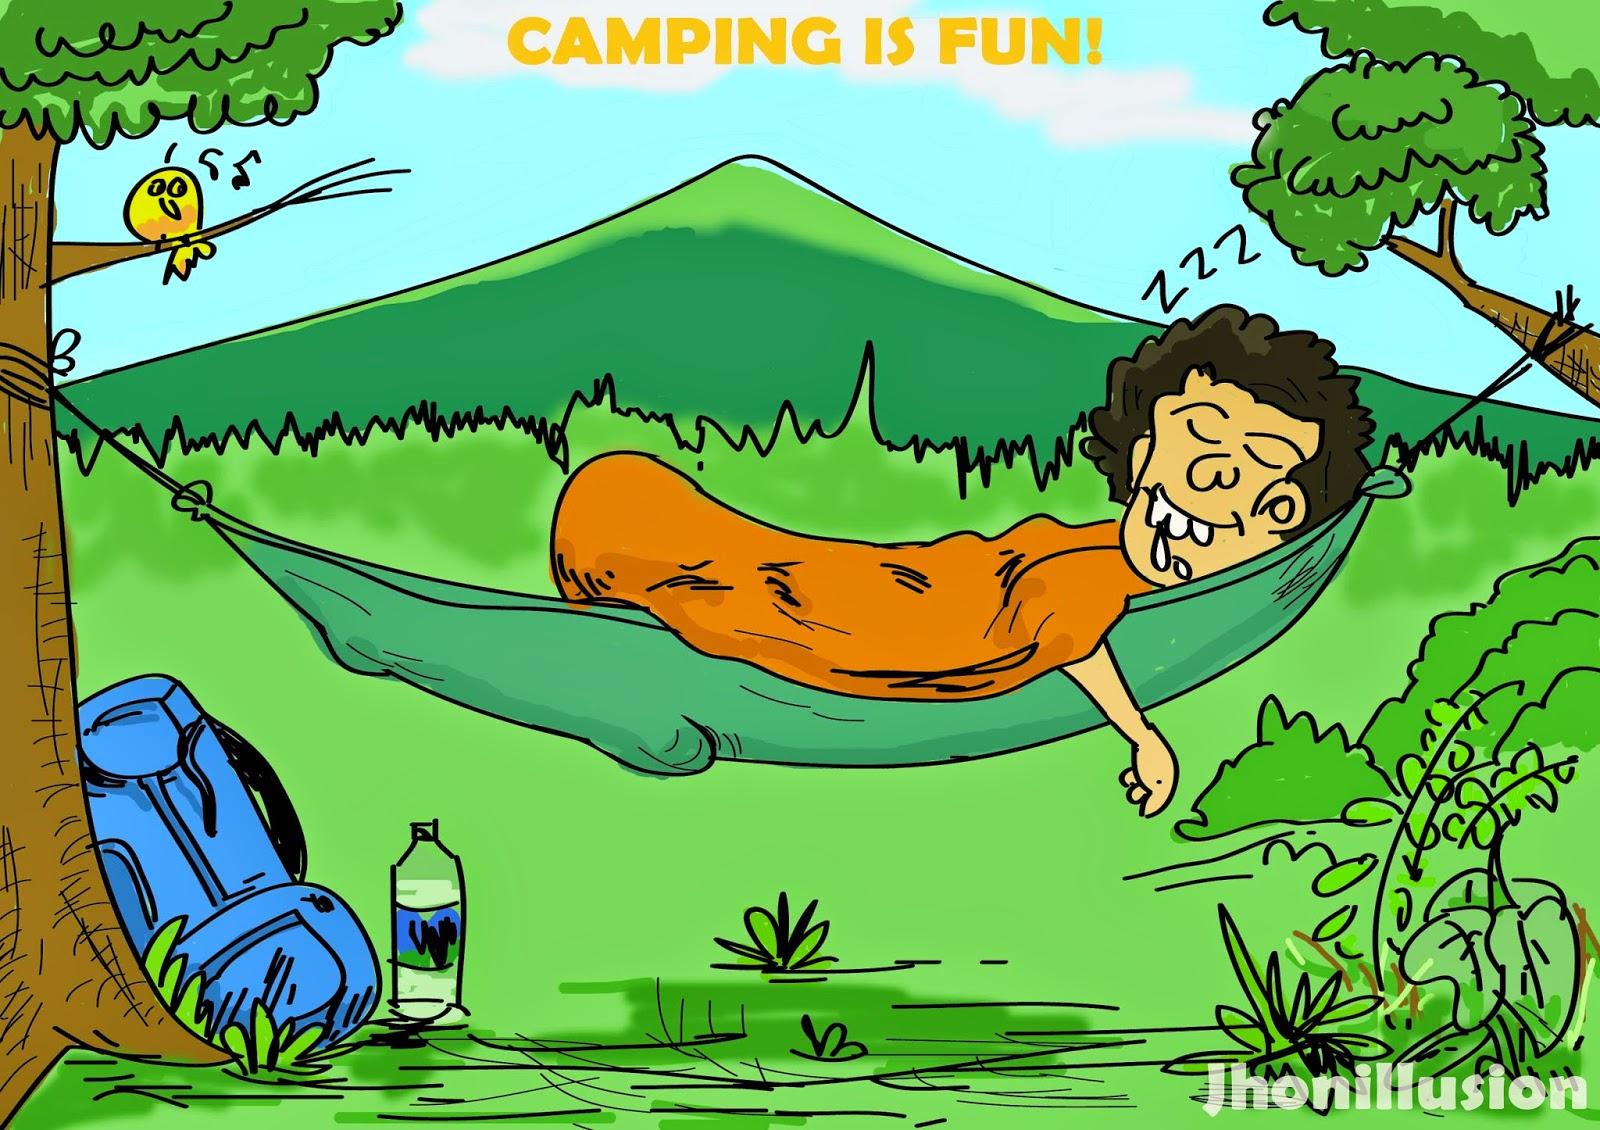 Akhir tahuh telah tiba Saatnya packing Bagi yang suka menghabiskan liburan di outdoor ruangan terbuka tentu berkemah salah satu kegiatan yang akan